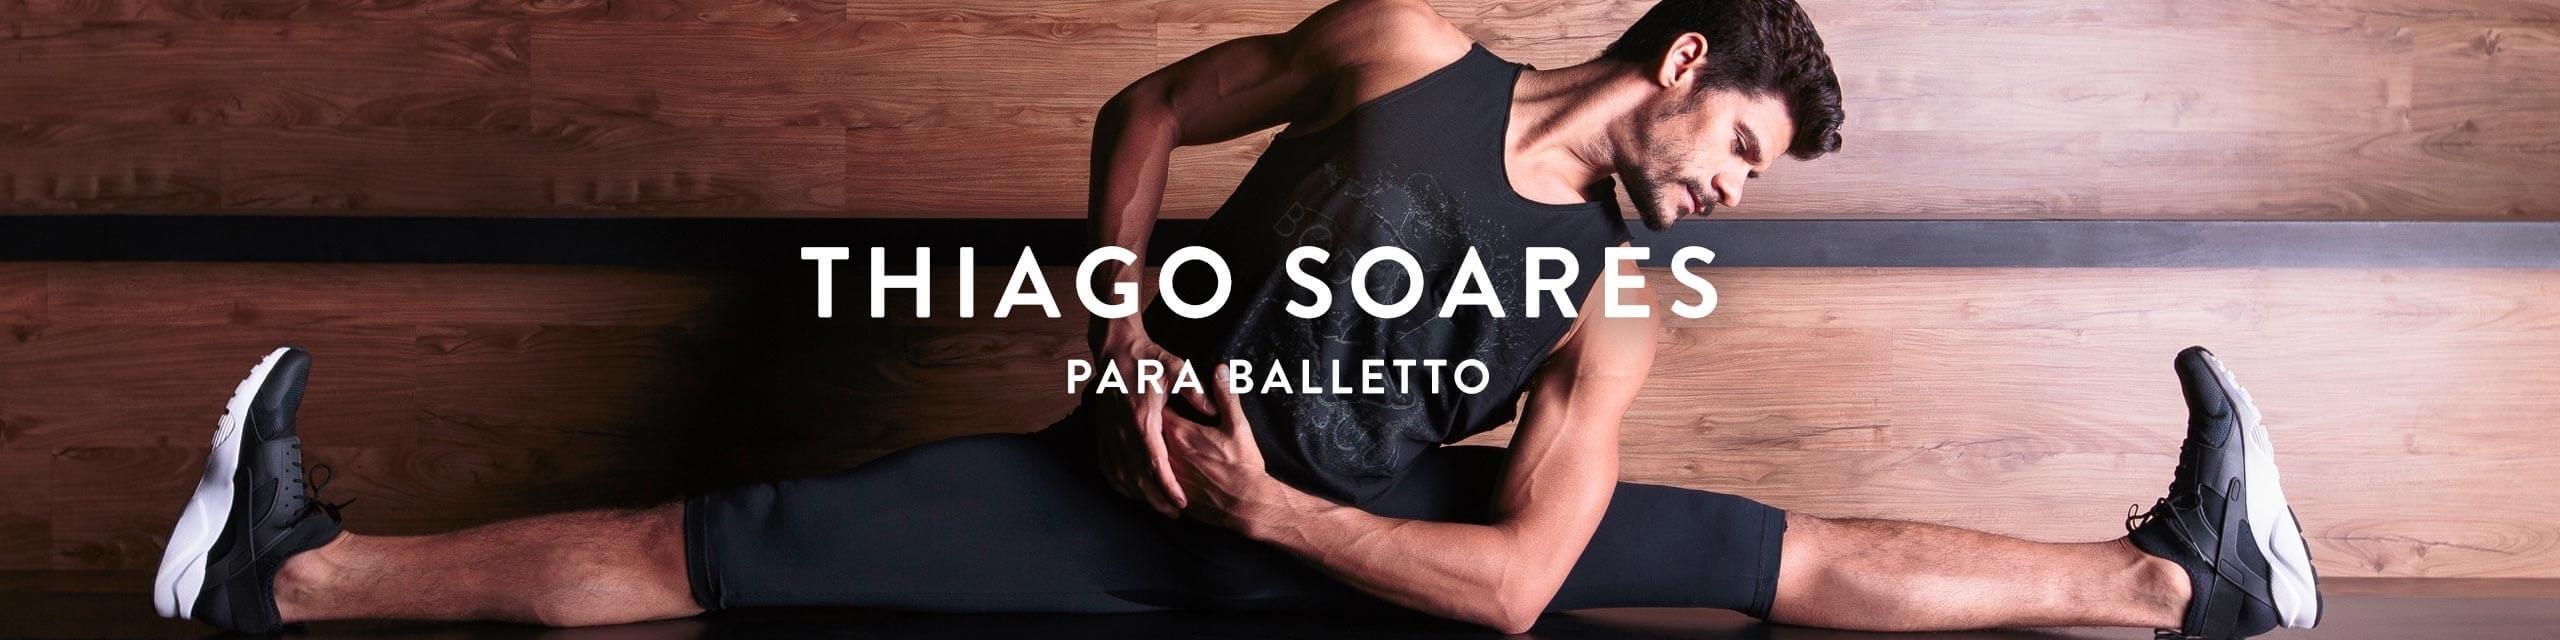 Banner Thiago Soares